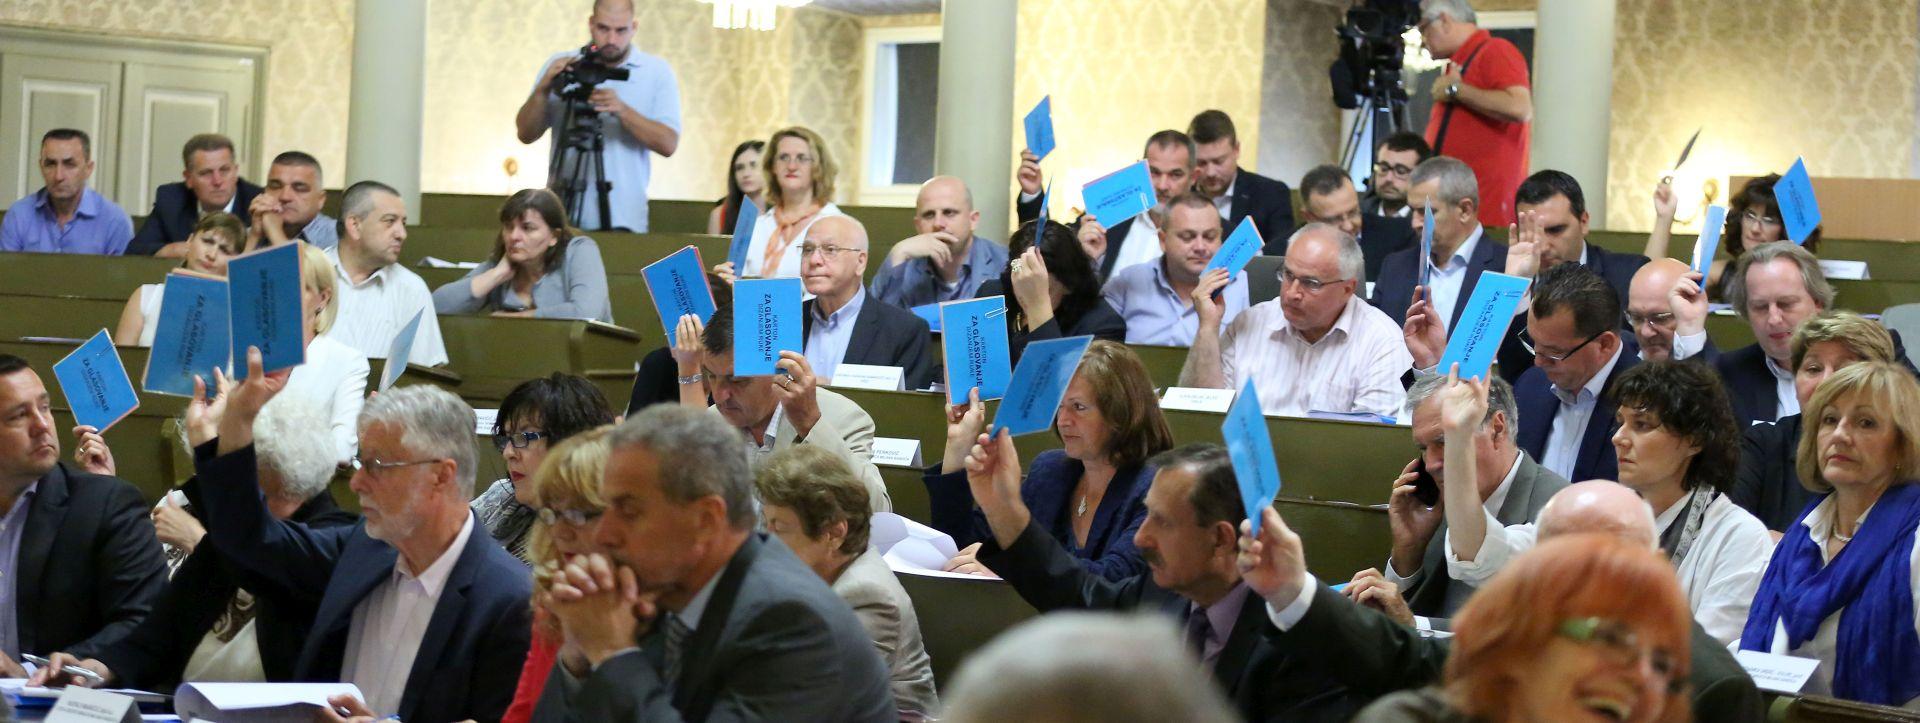 GRADSKA SKUPŠTINA: Na aktualnom satu pitanja postavljali samo SDP-ovi zastupnici